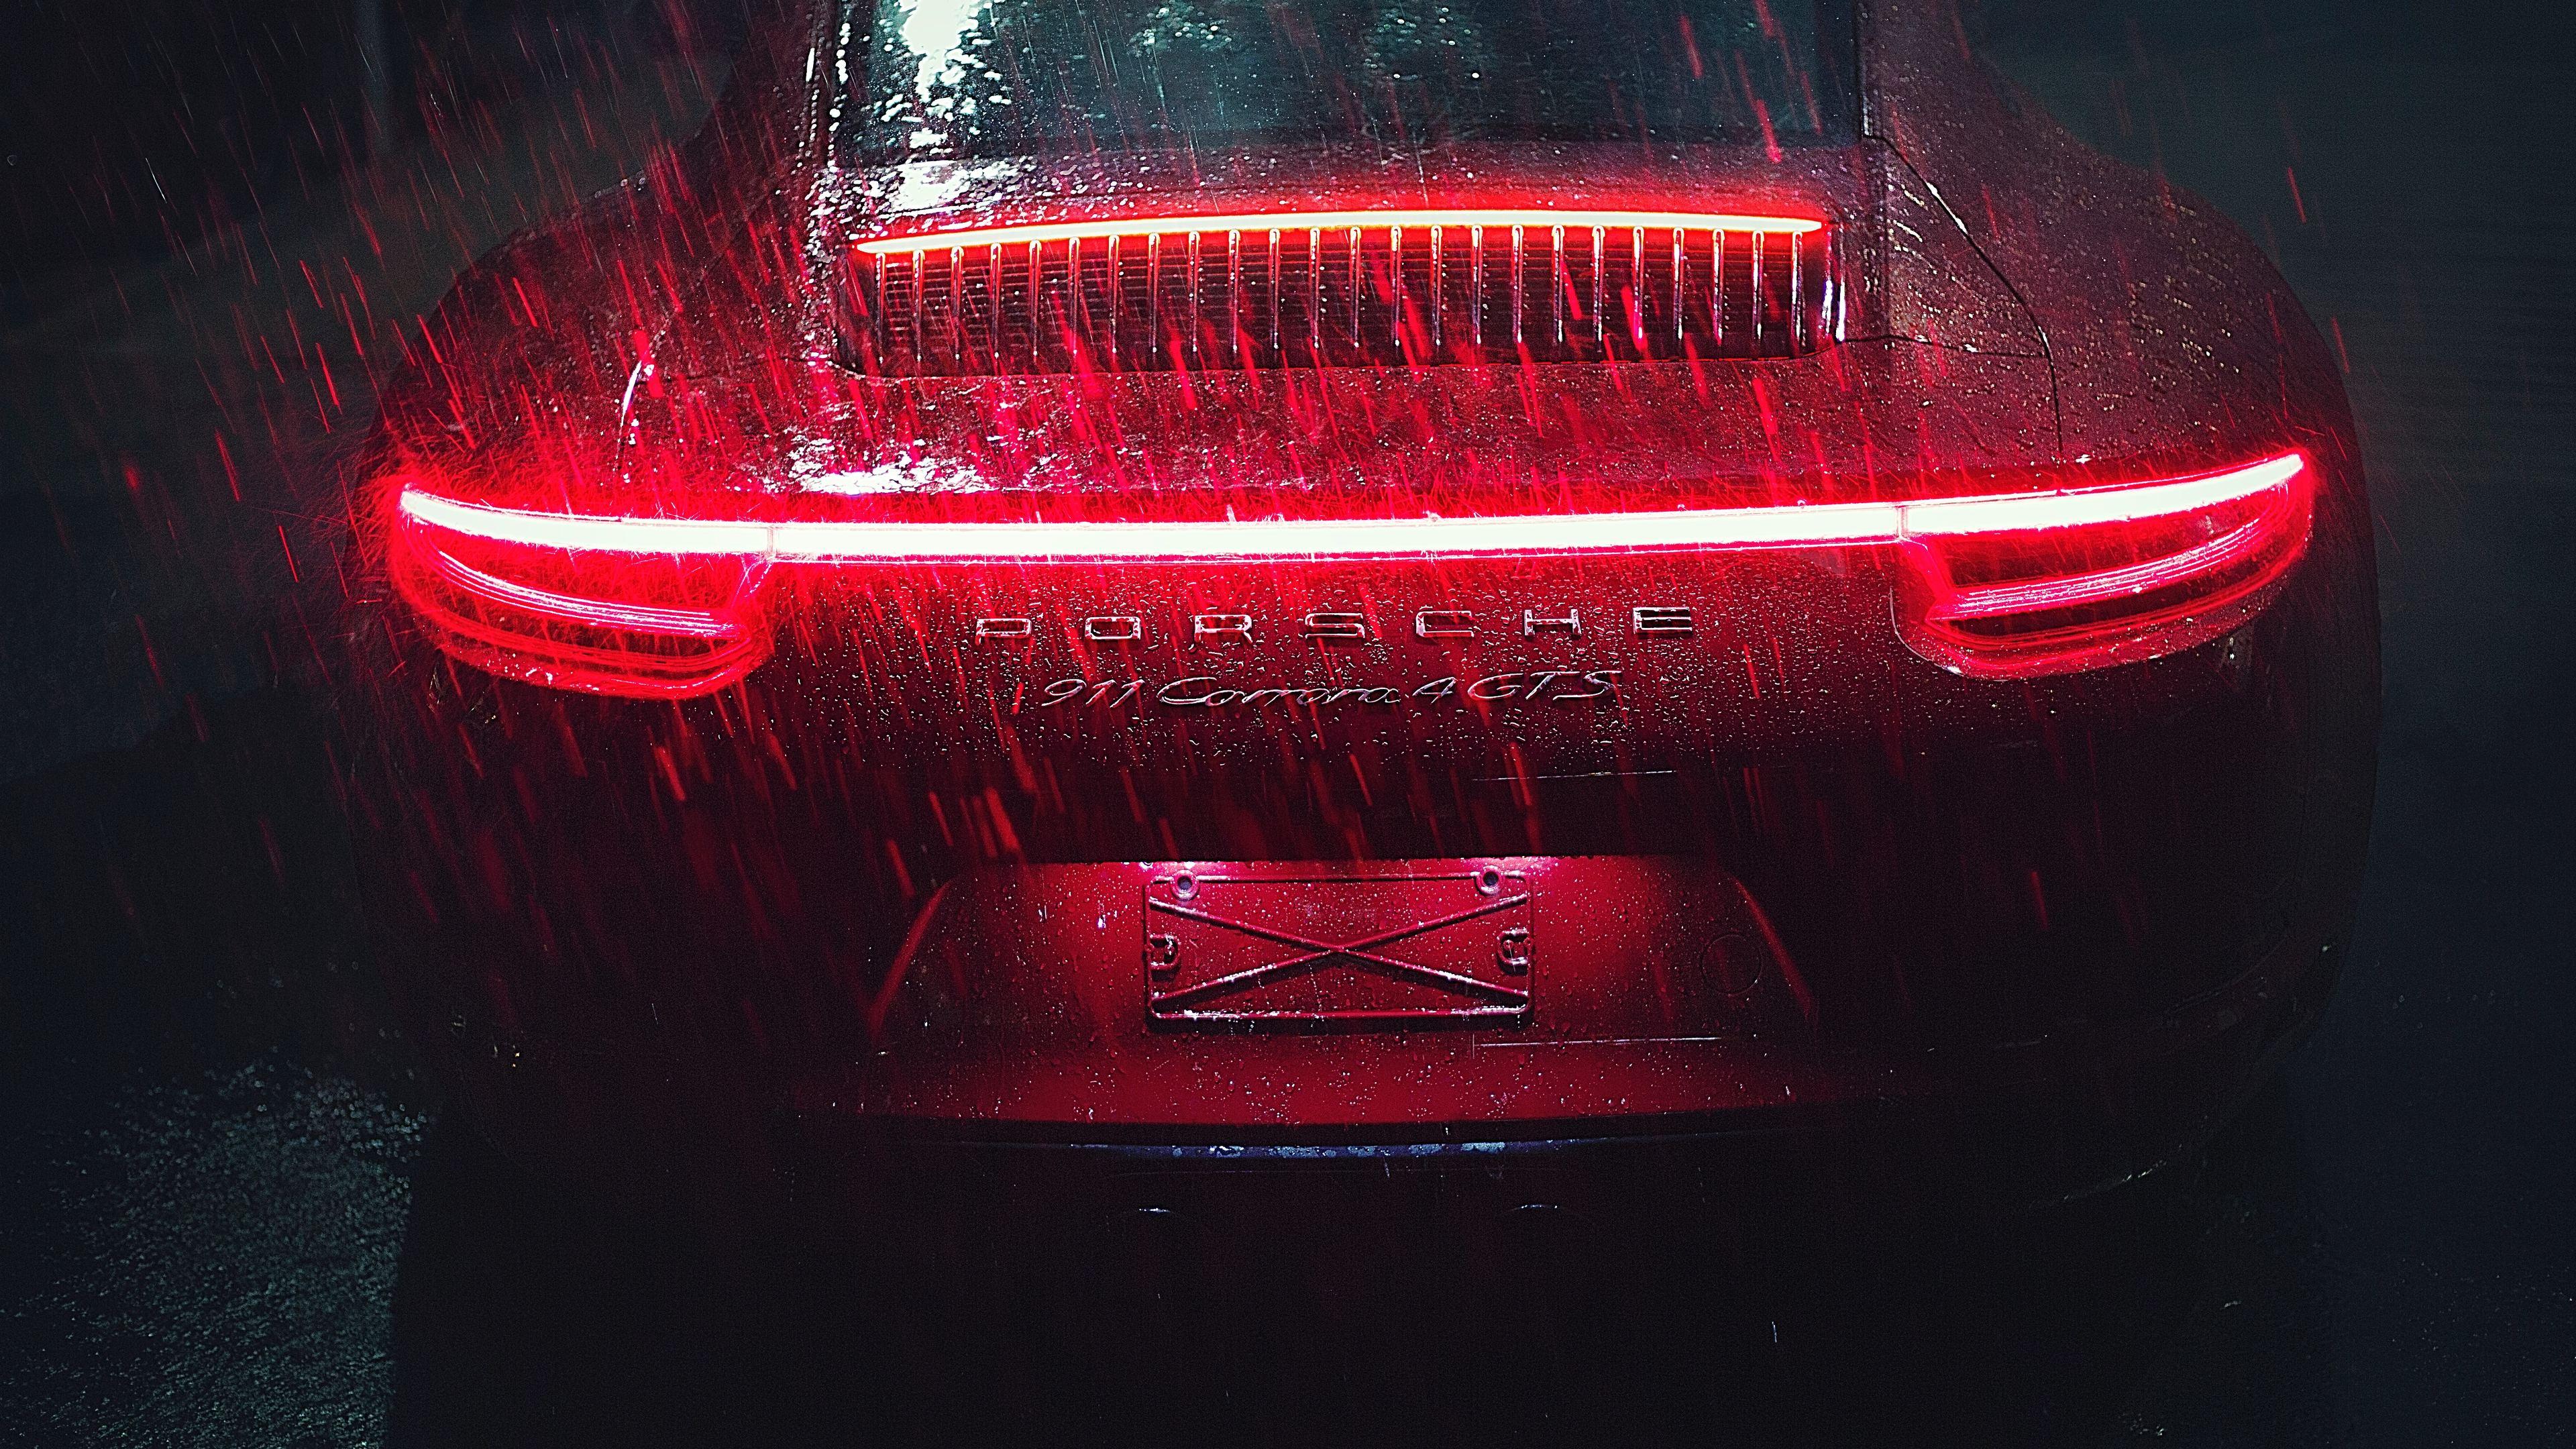 porsche 911 carrera tail light raining 1539110422 - Porsche 911 Carrera Tail Light Raining - rain wallpapers, porsche wallpapers, porsche 911 wallpapers, hd-wallpapers, cars wallpapers, 5k wallpapers, 4k-wallpapers, 2018 cars wallpapers